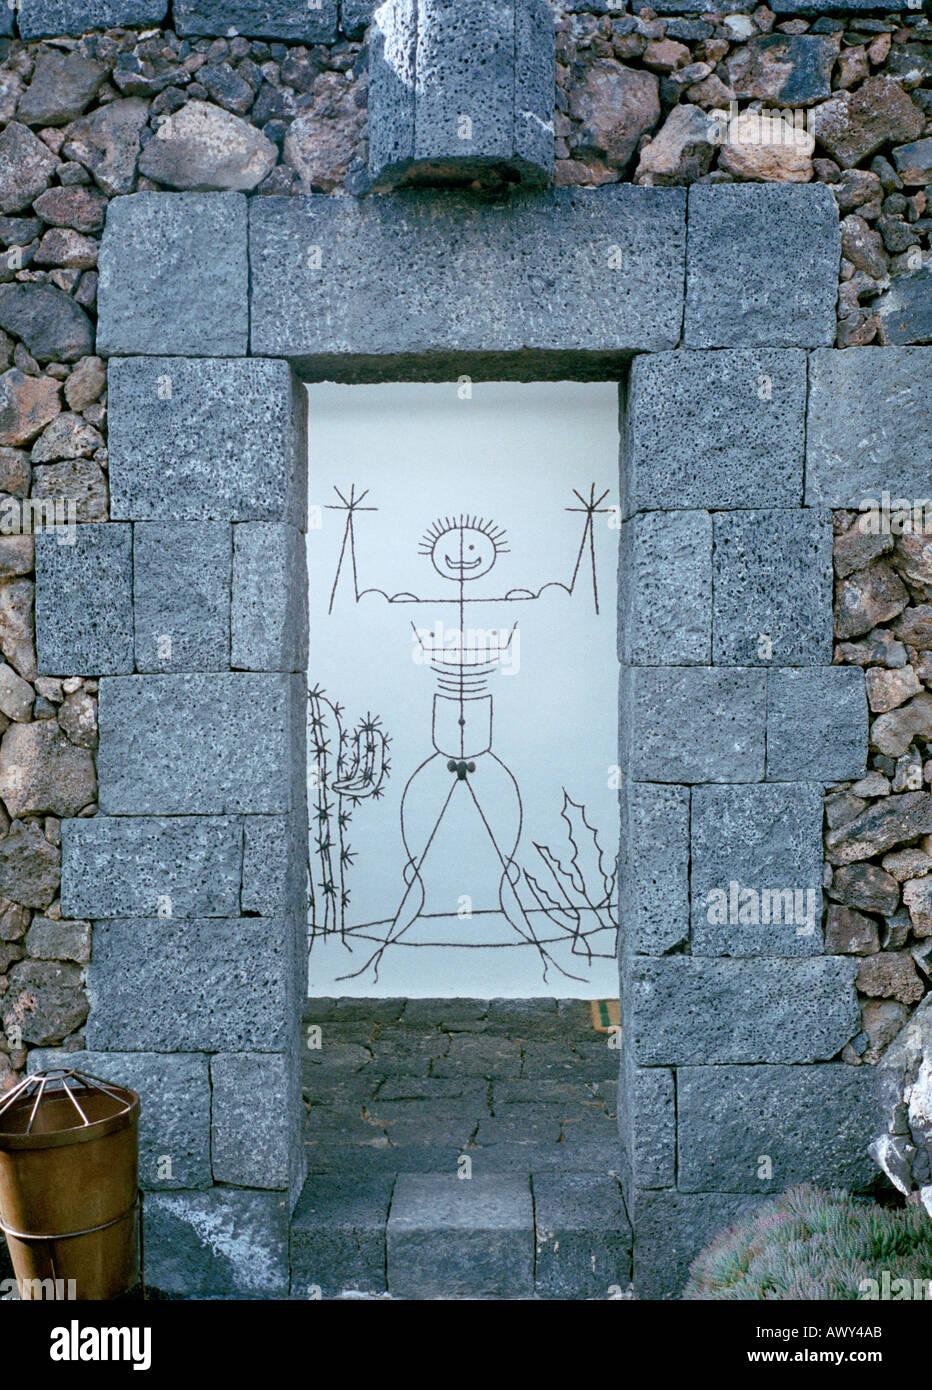 L'uomo cartoon di Cesar Manrique presso il giardino dei cactus a Lanzarote Island per indicare i servizi igienici pubblici Immagini Stock